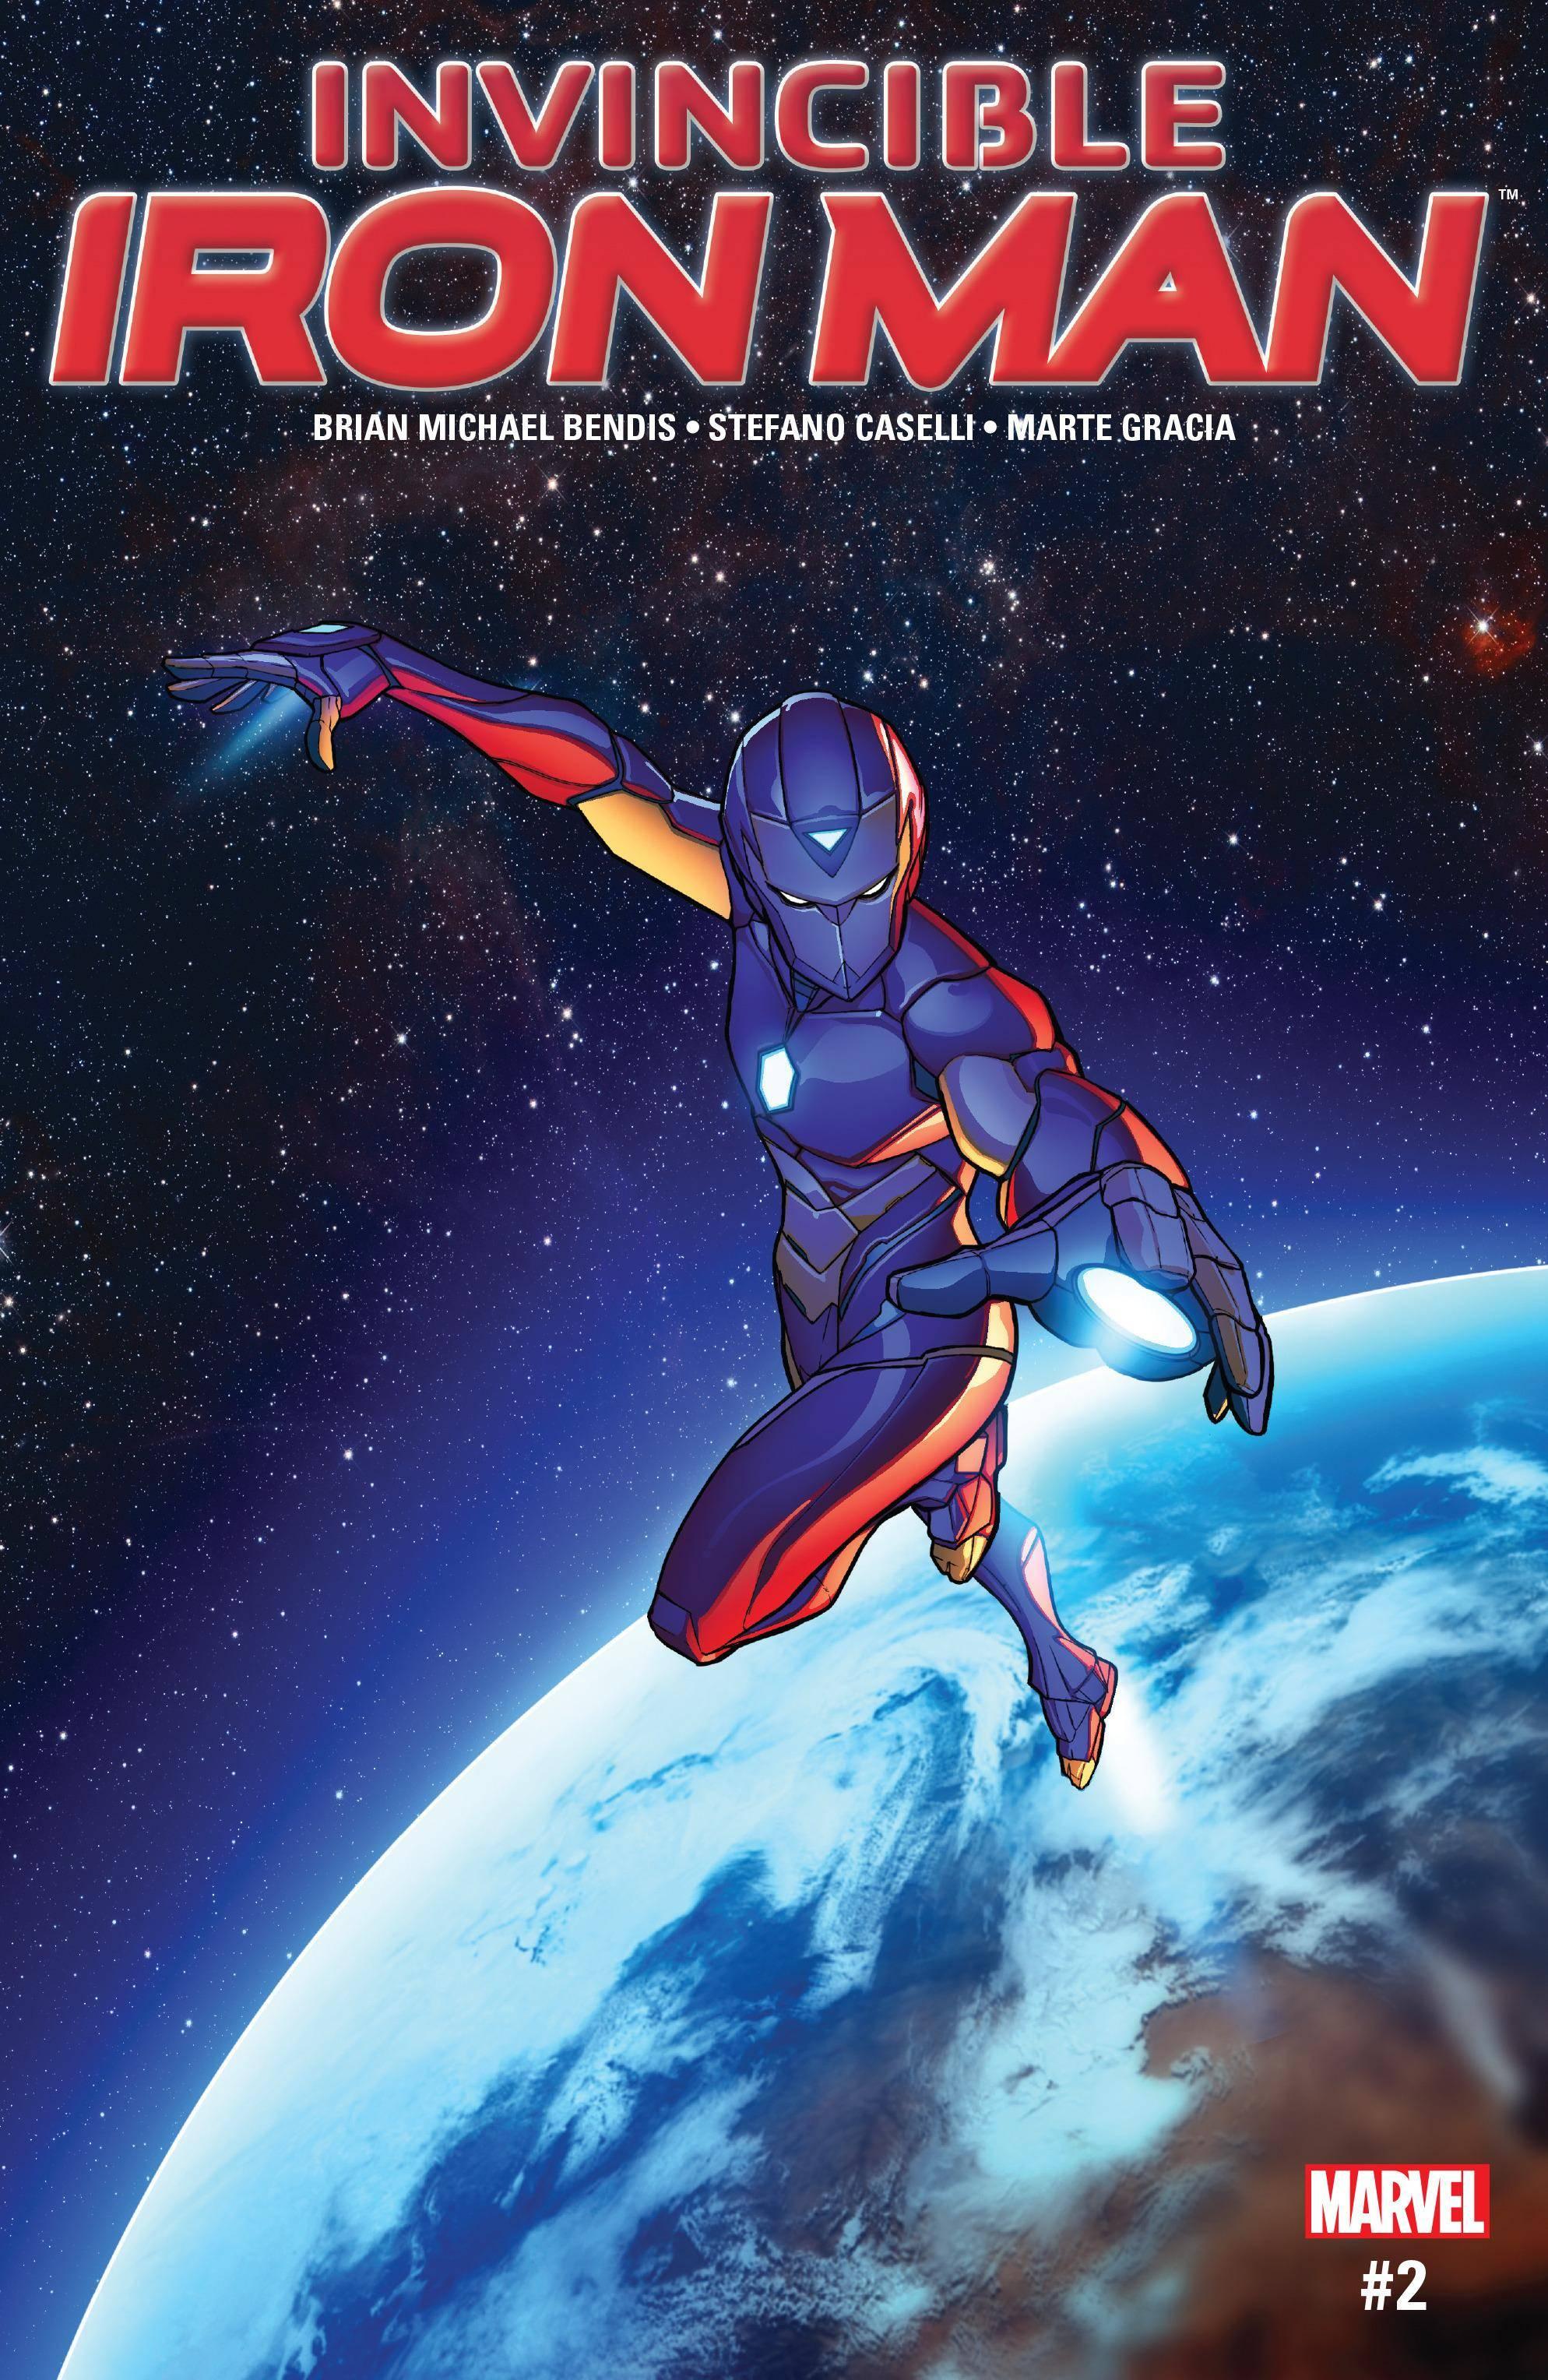 Invincible Iron Man 002 2017 Digital Zone-Empire